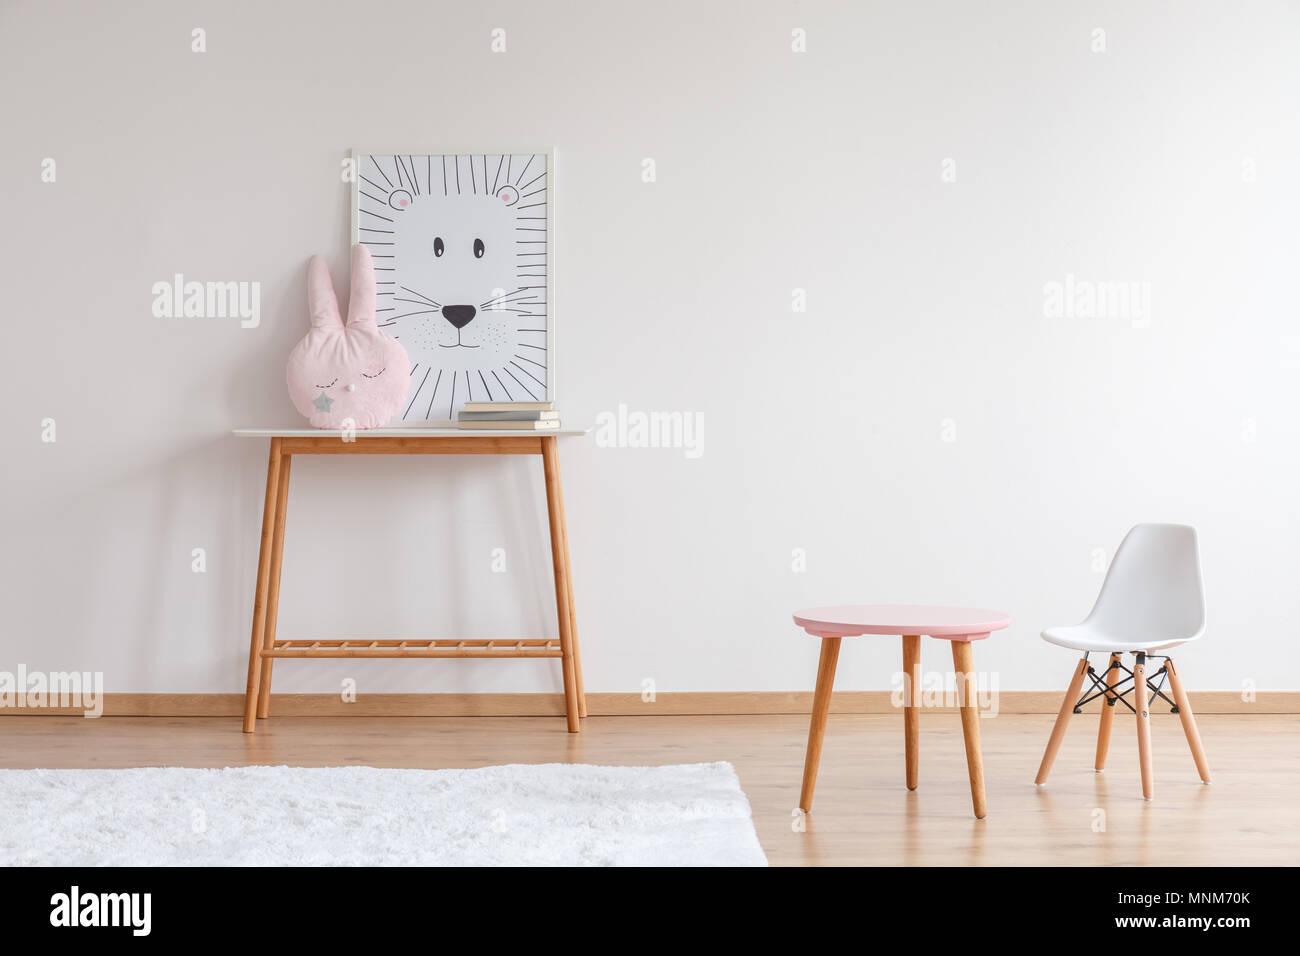 Lion Poster Und Pastell Kissen Auf Hölzernen Tisch In Dem Zimmer In